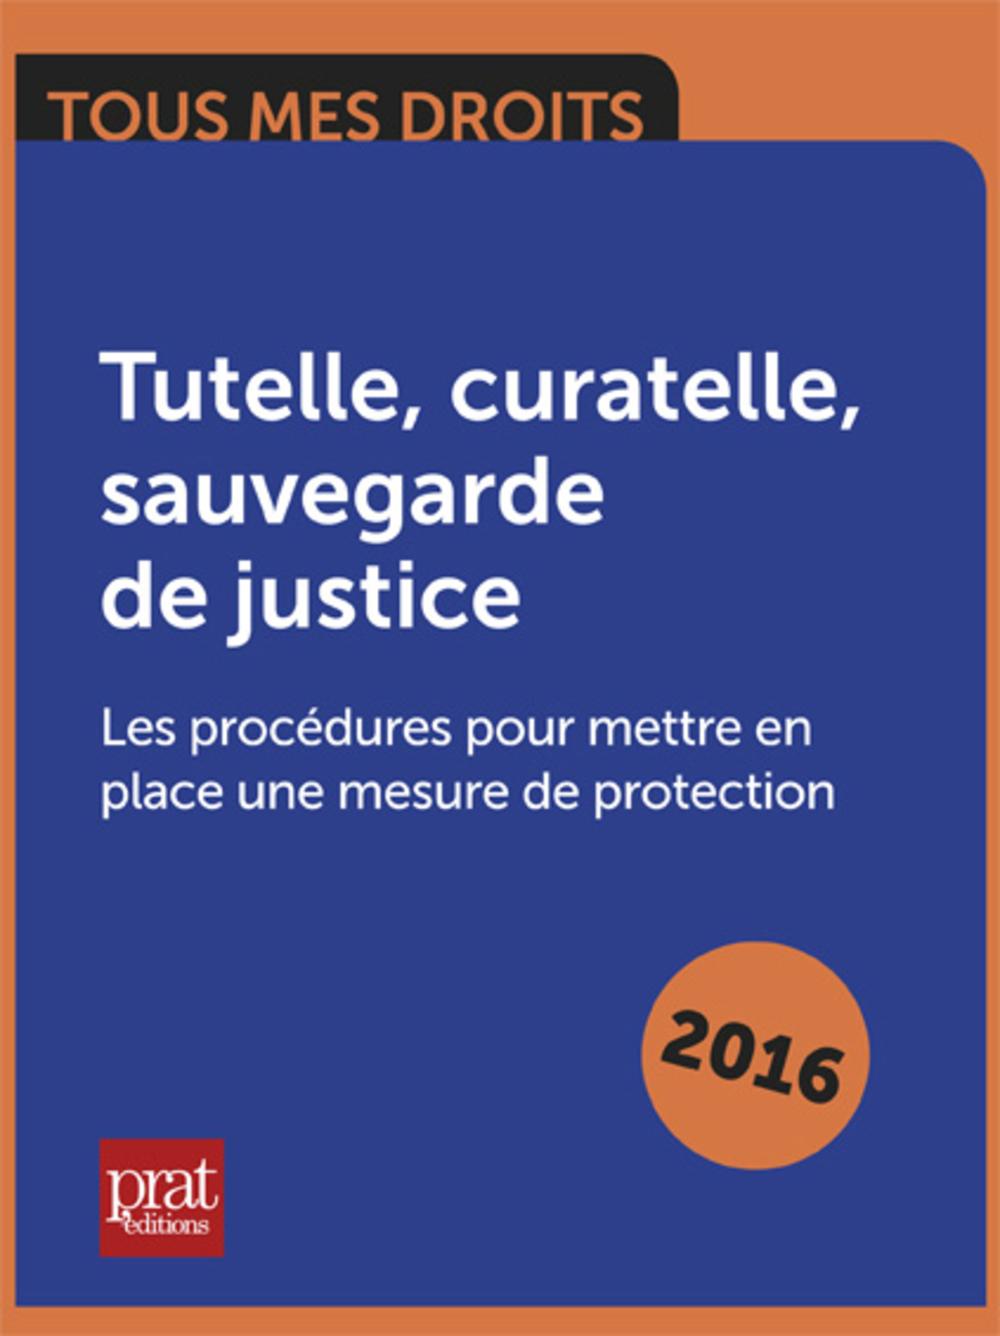 Tutelle, curatelle, sauvegarde de justice : les procédures pour mettre en place une mesure de protection